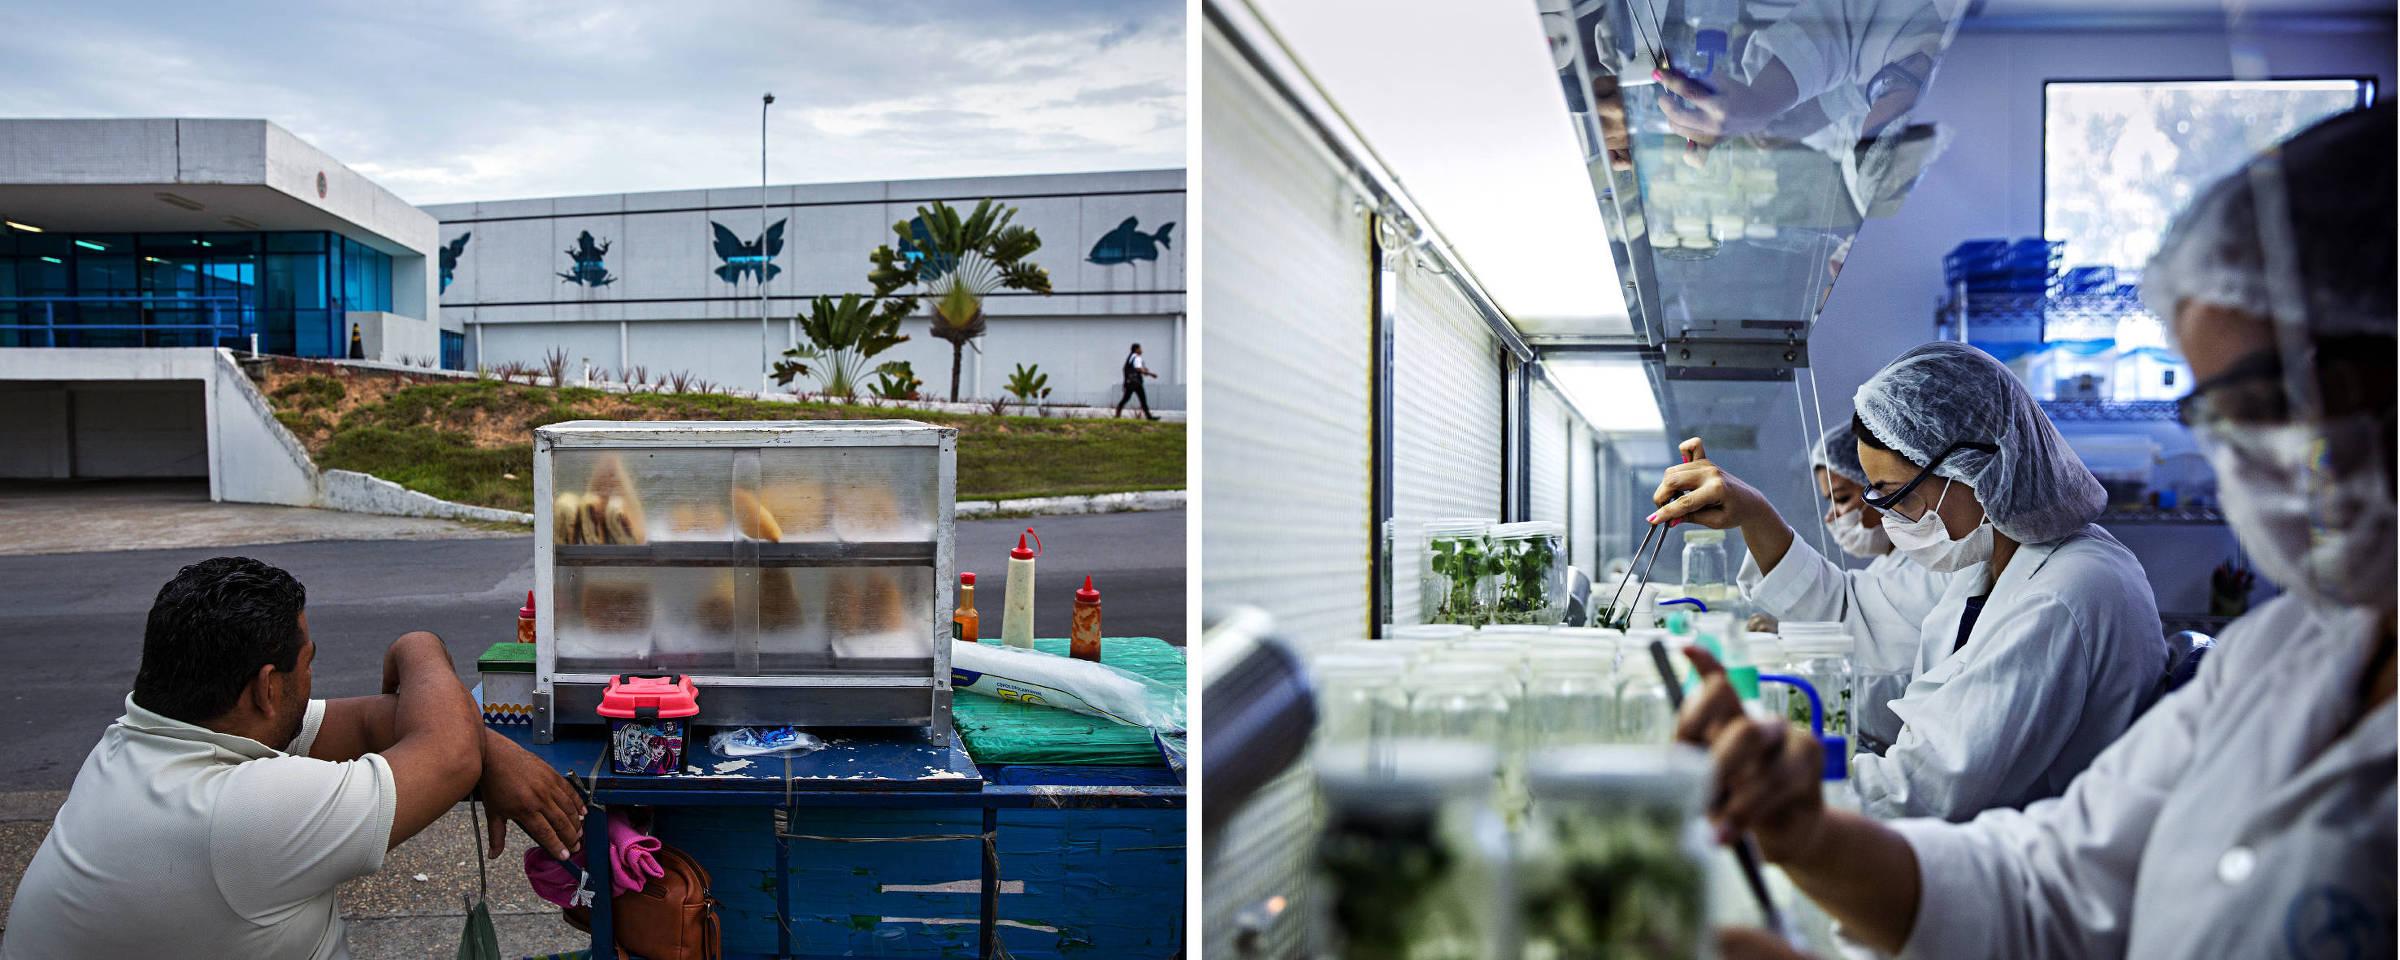 Montagem mostra vendedor em frente ao Centro de Biotecnologia da Amazônia, em Manaus, que tem parte de suas instalações ociosas, e um dos laboratórios do local